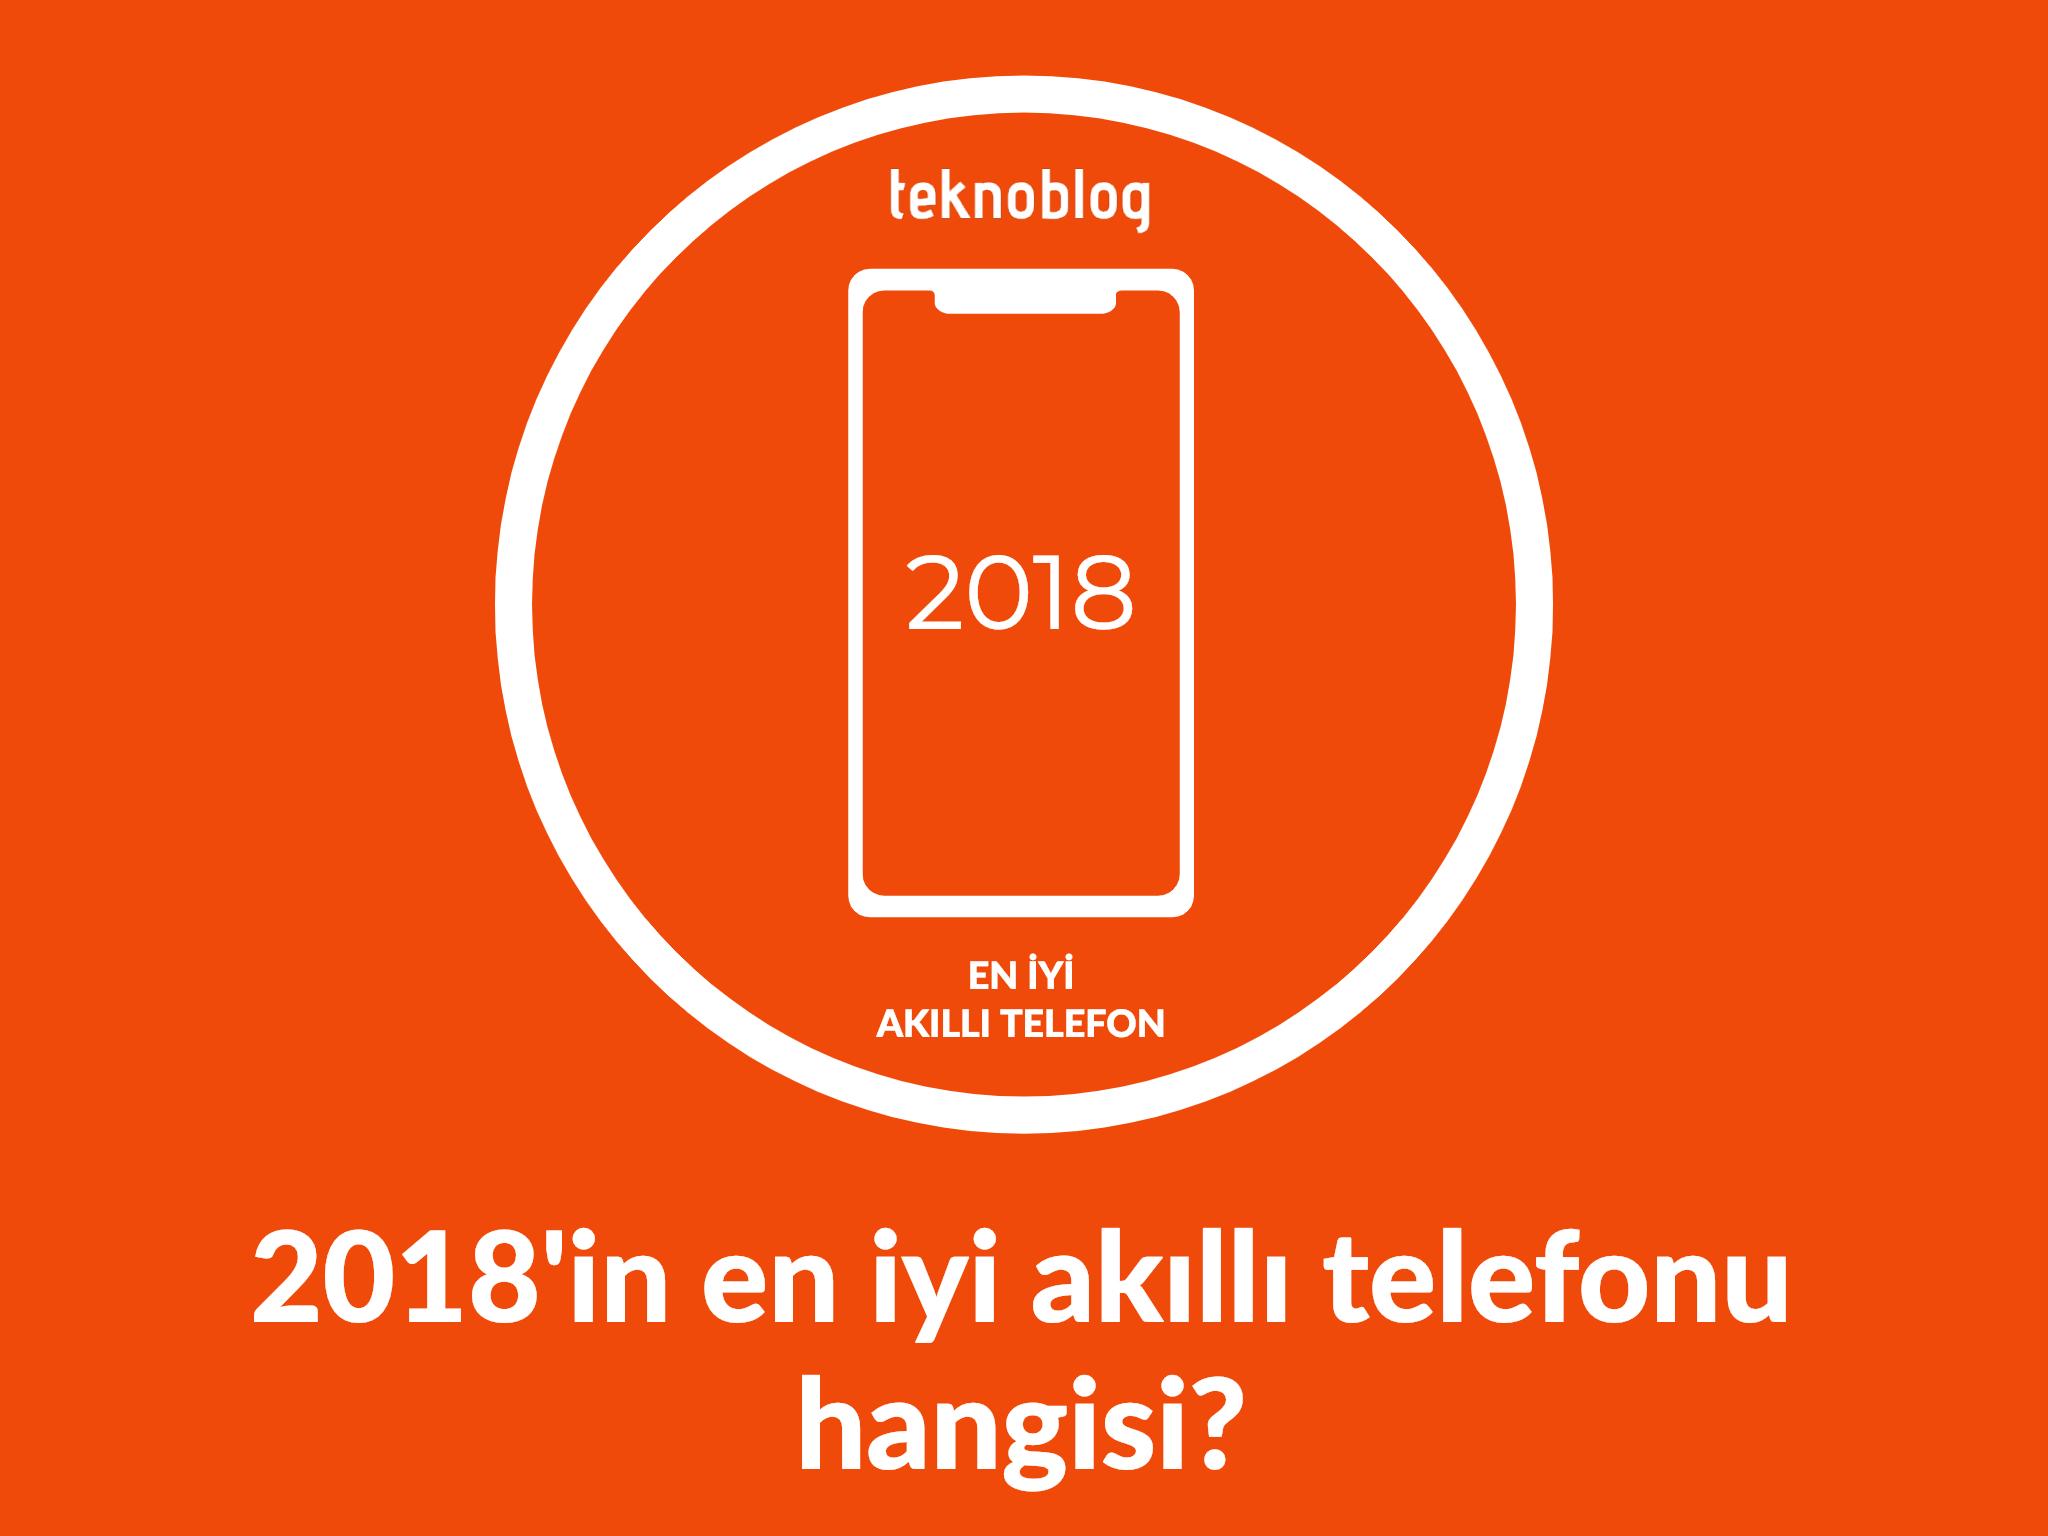 2018 en iyi akıllı telefonu anketi